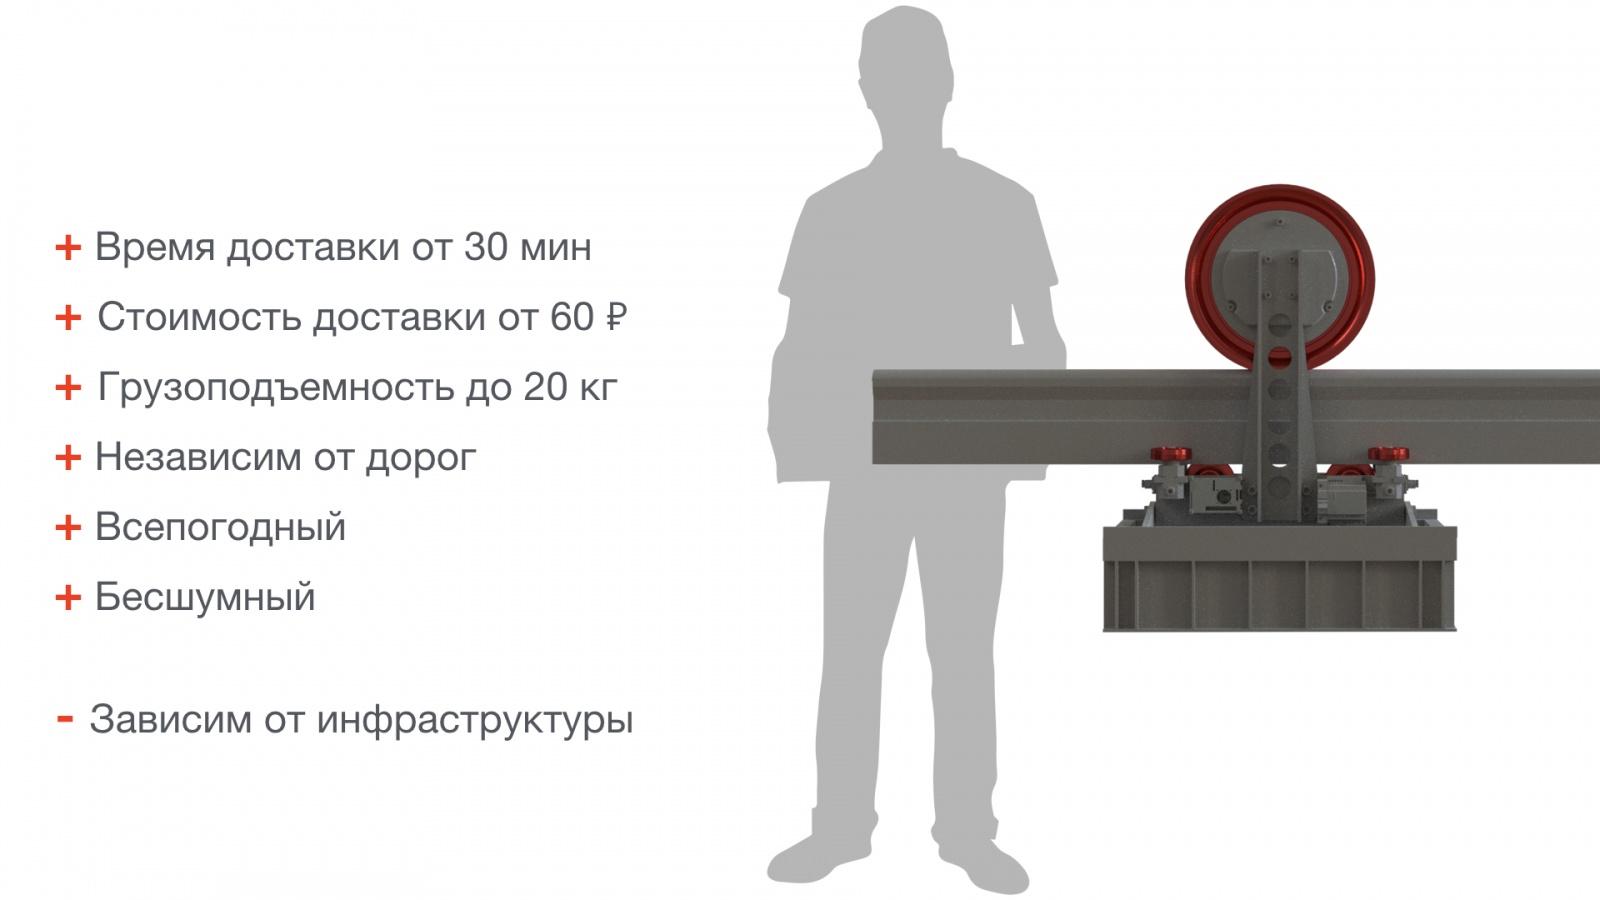 Робот-курьер — доставка за 30 минут, или как в России построить будущее - 7